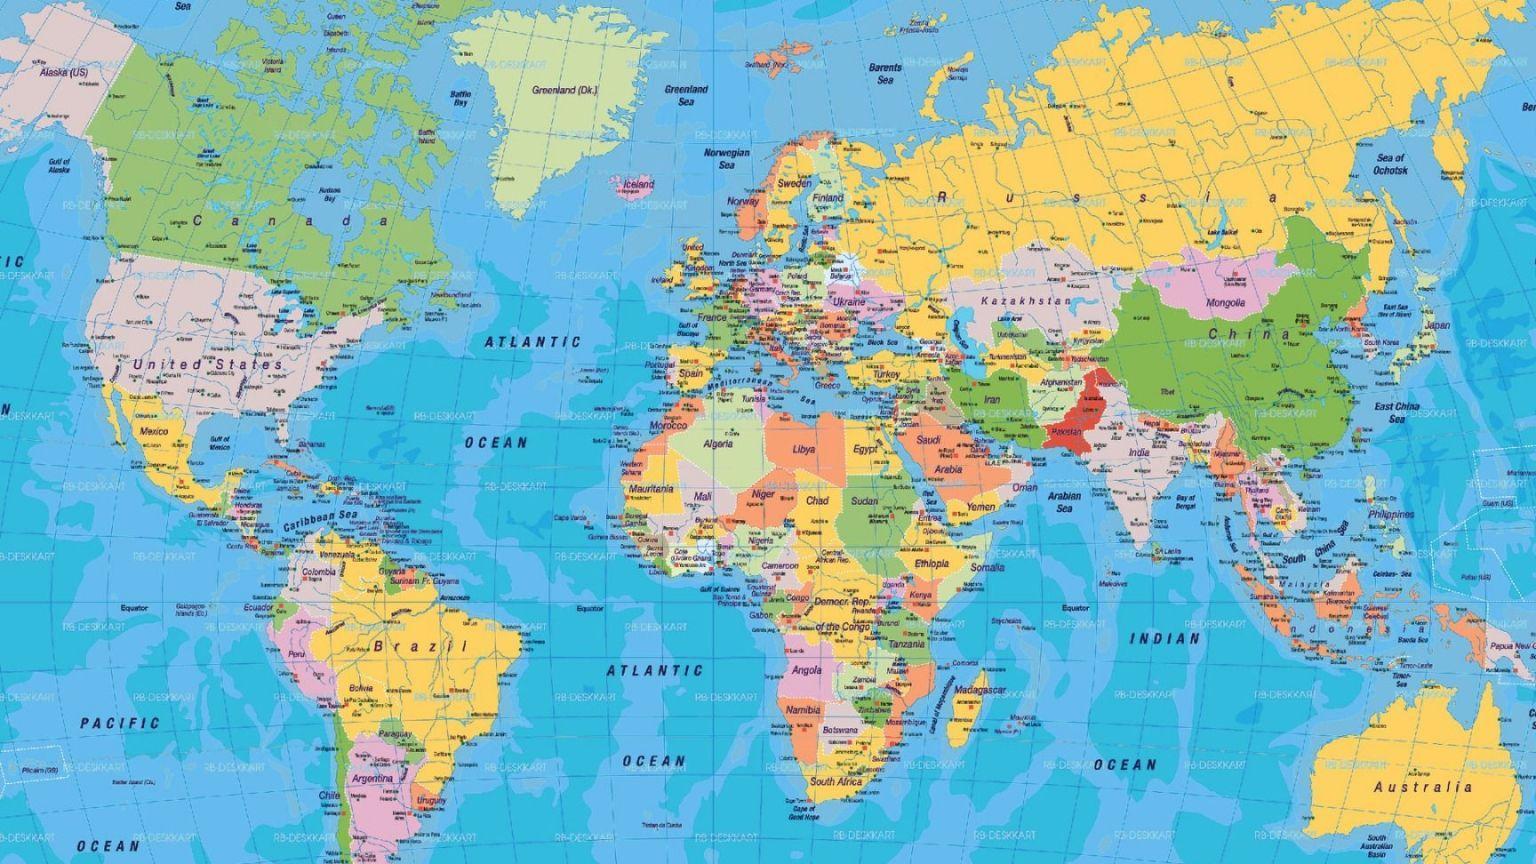 1536x864 Tải xuống miễn phí bản đồ thế giới 11 10112014 Hình nền hàng đầu Hình nền đẹp nhất